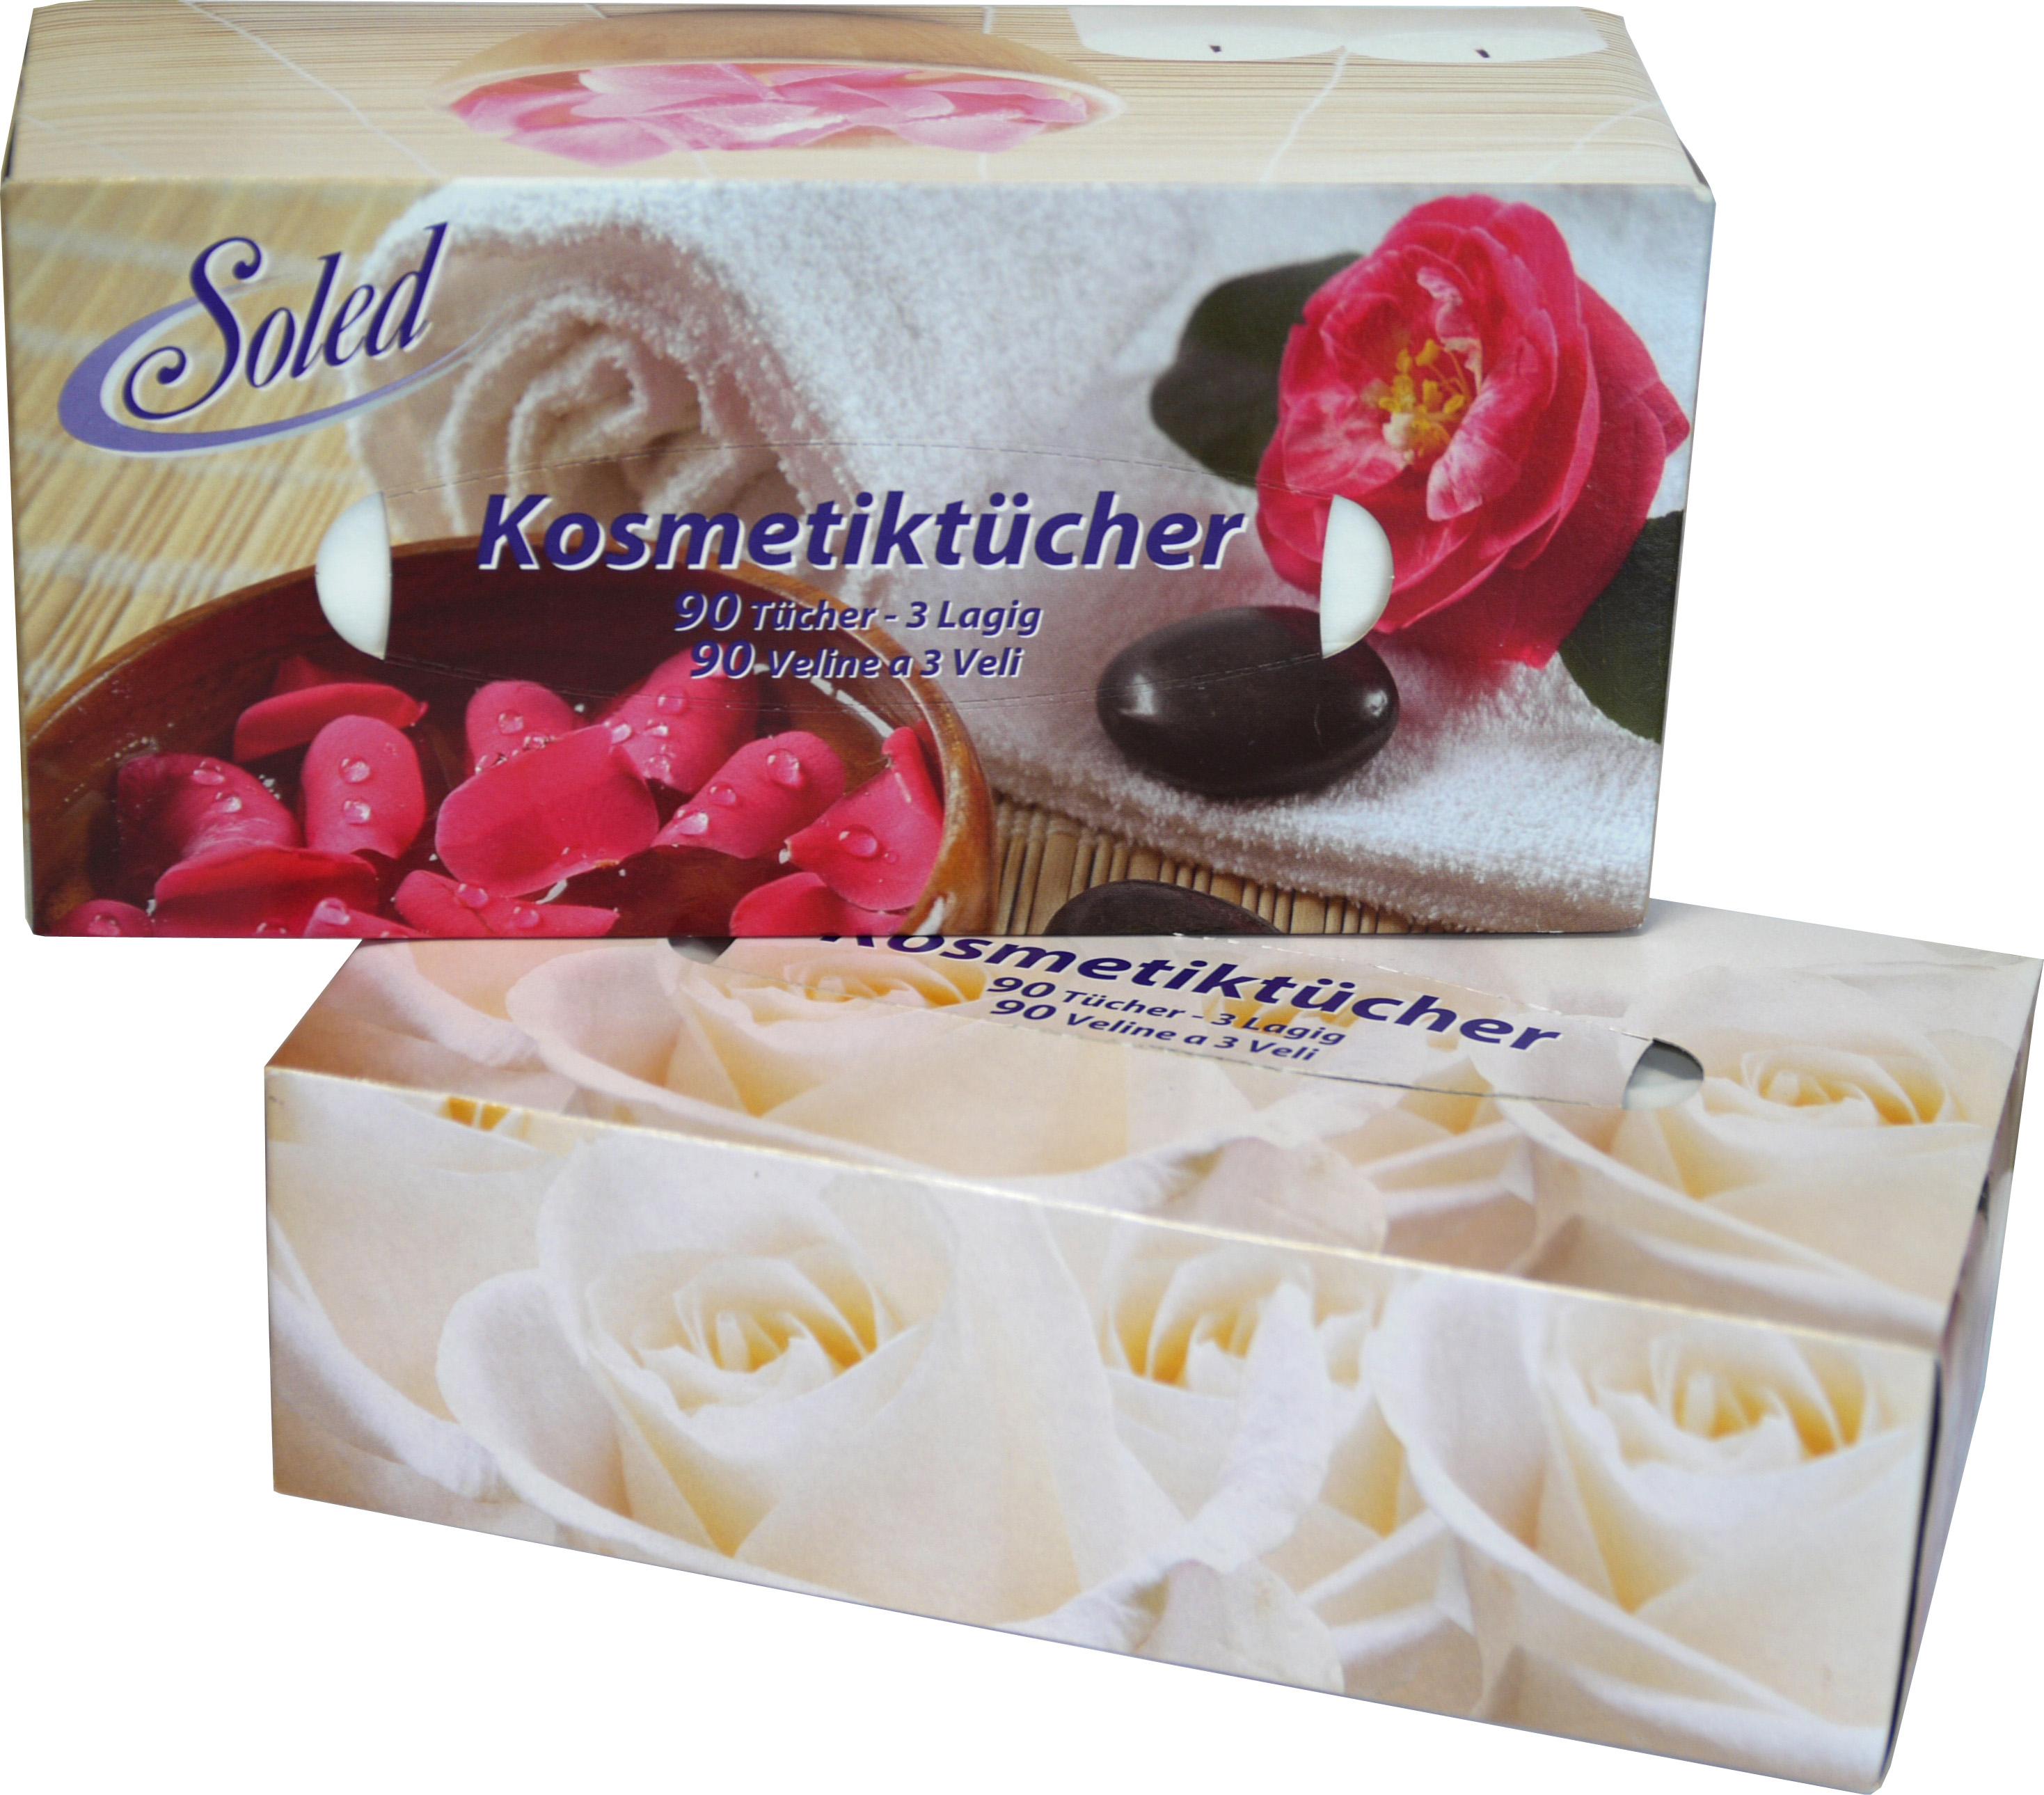 00699 - Soled Kosmetiktücher 3-lagig in 90 St